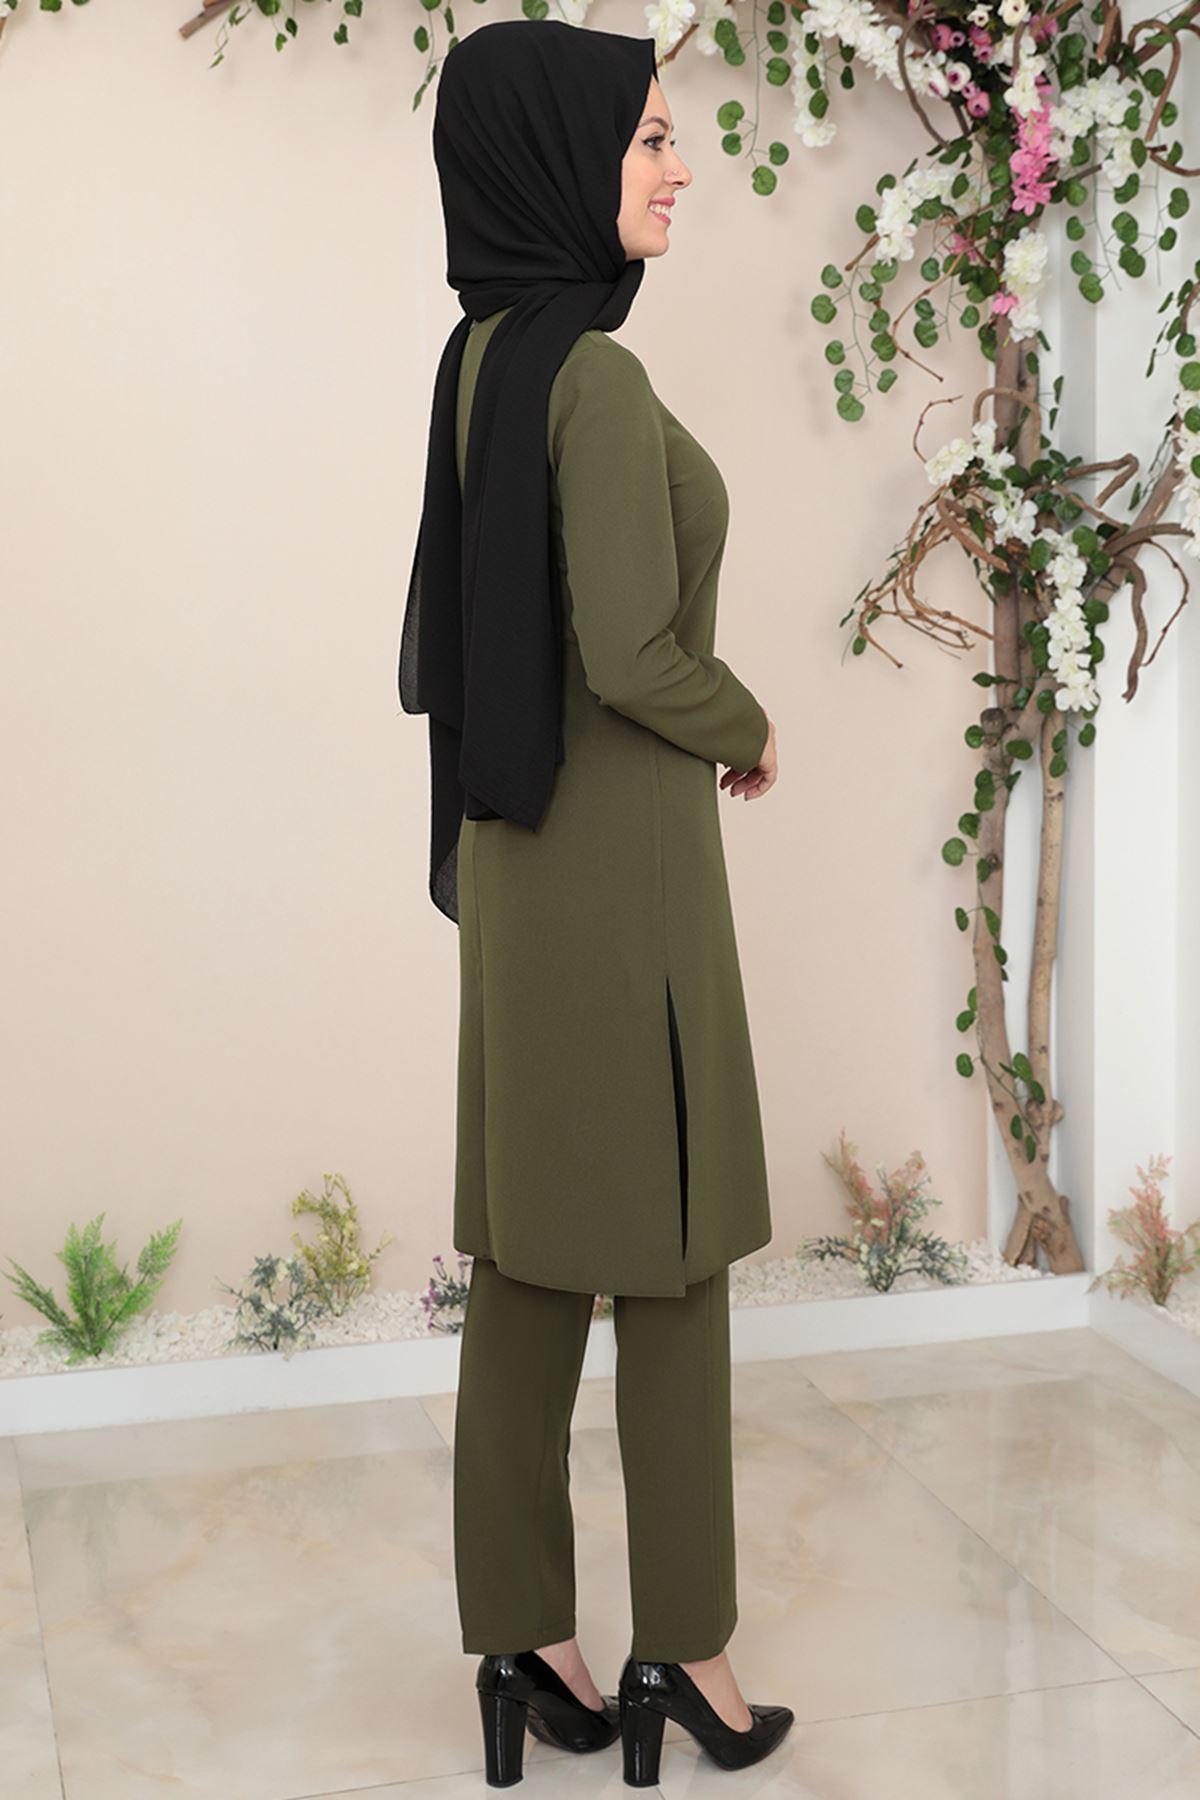 Semra Aydın Suna İkiili Takım Yeşil SMR4307